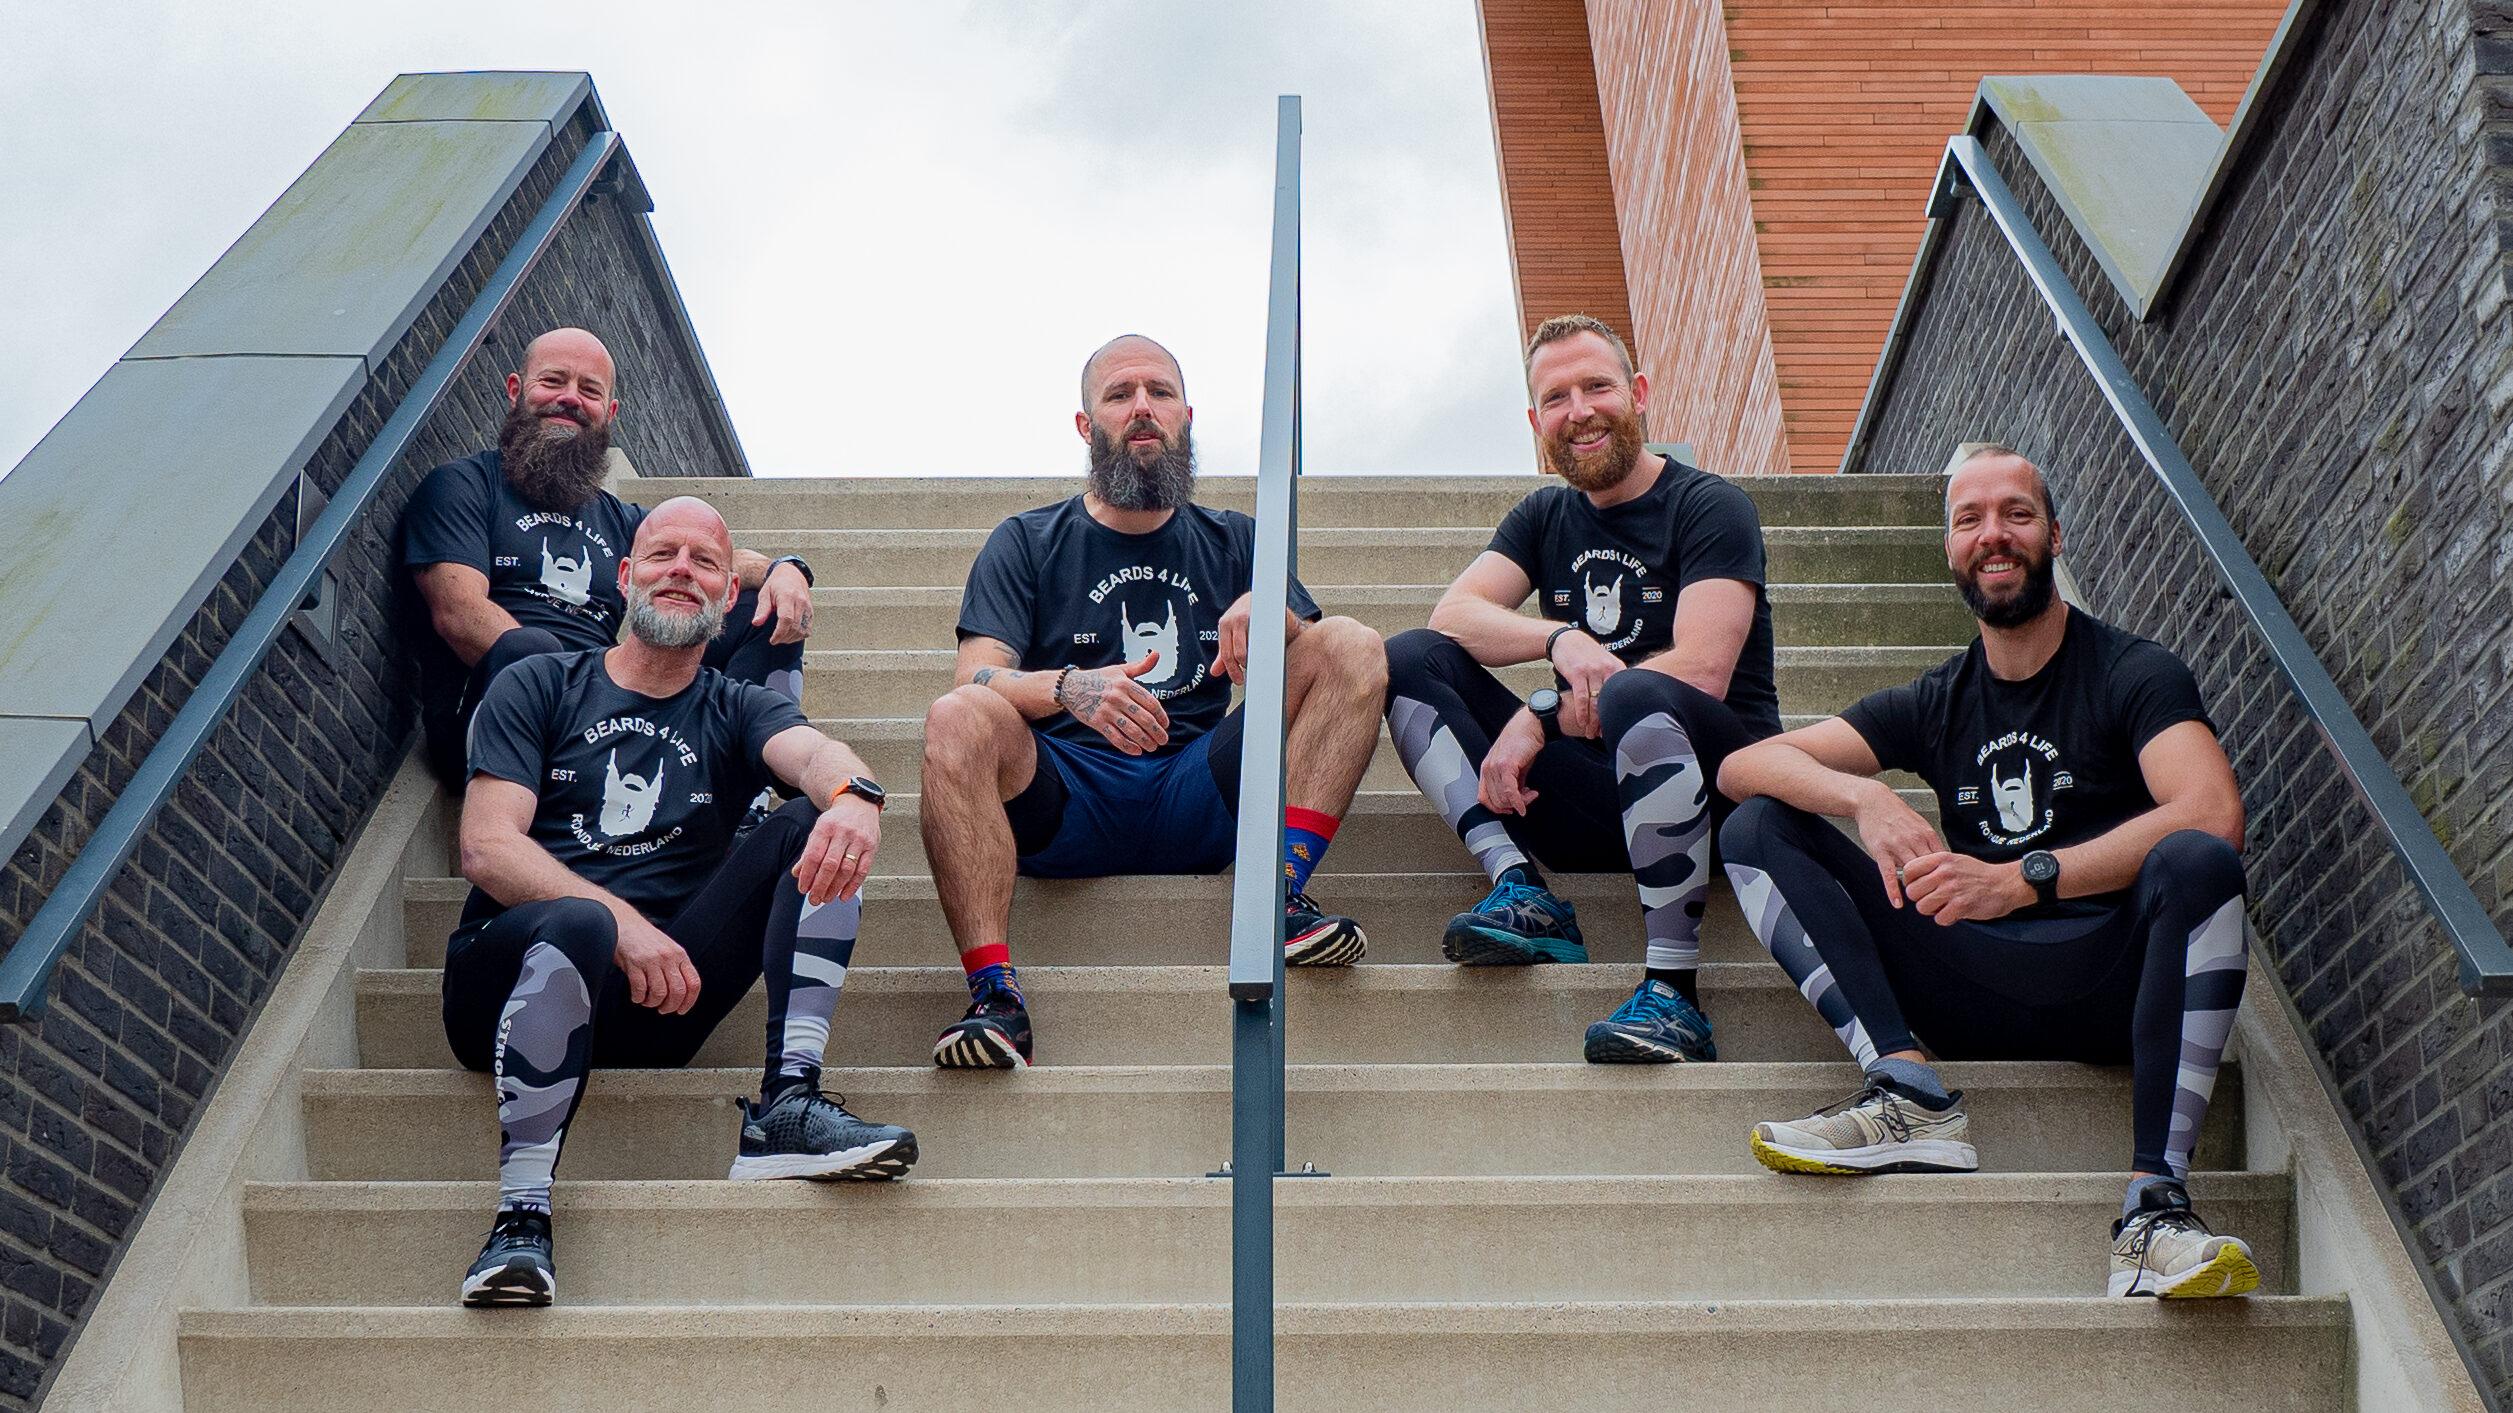 De hardloopmannen van Beards4Life